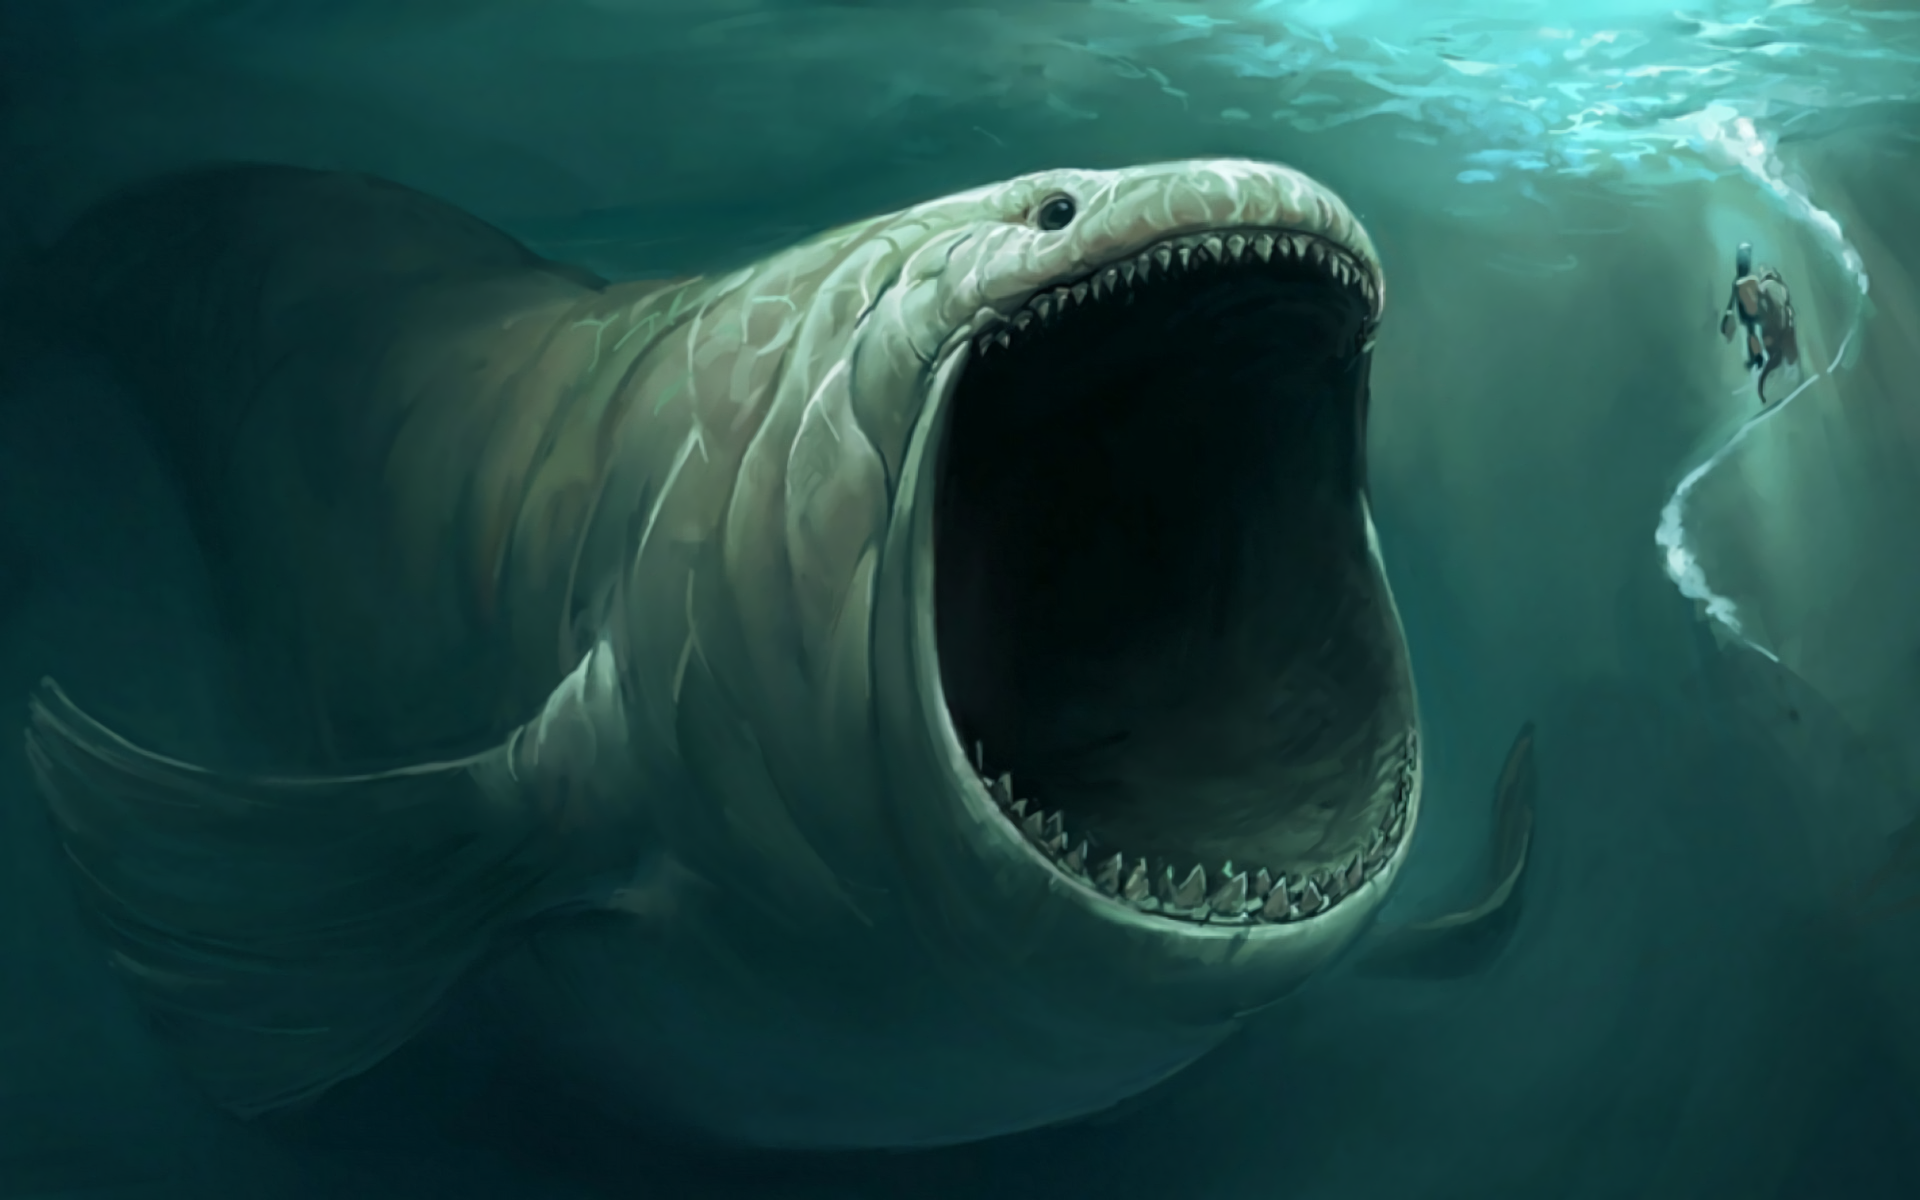 Fondos De Pantalla Del Mar: Monstruo De Mar Fondo De Pantalla HD